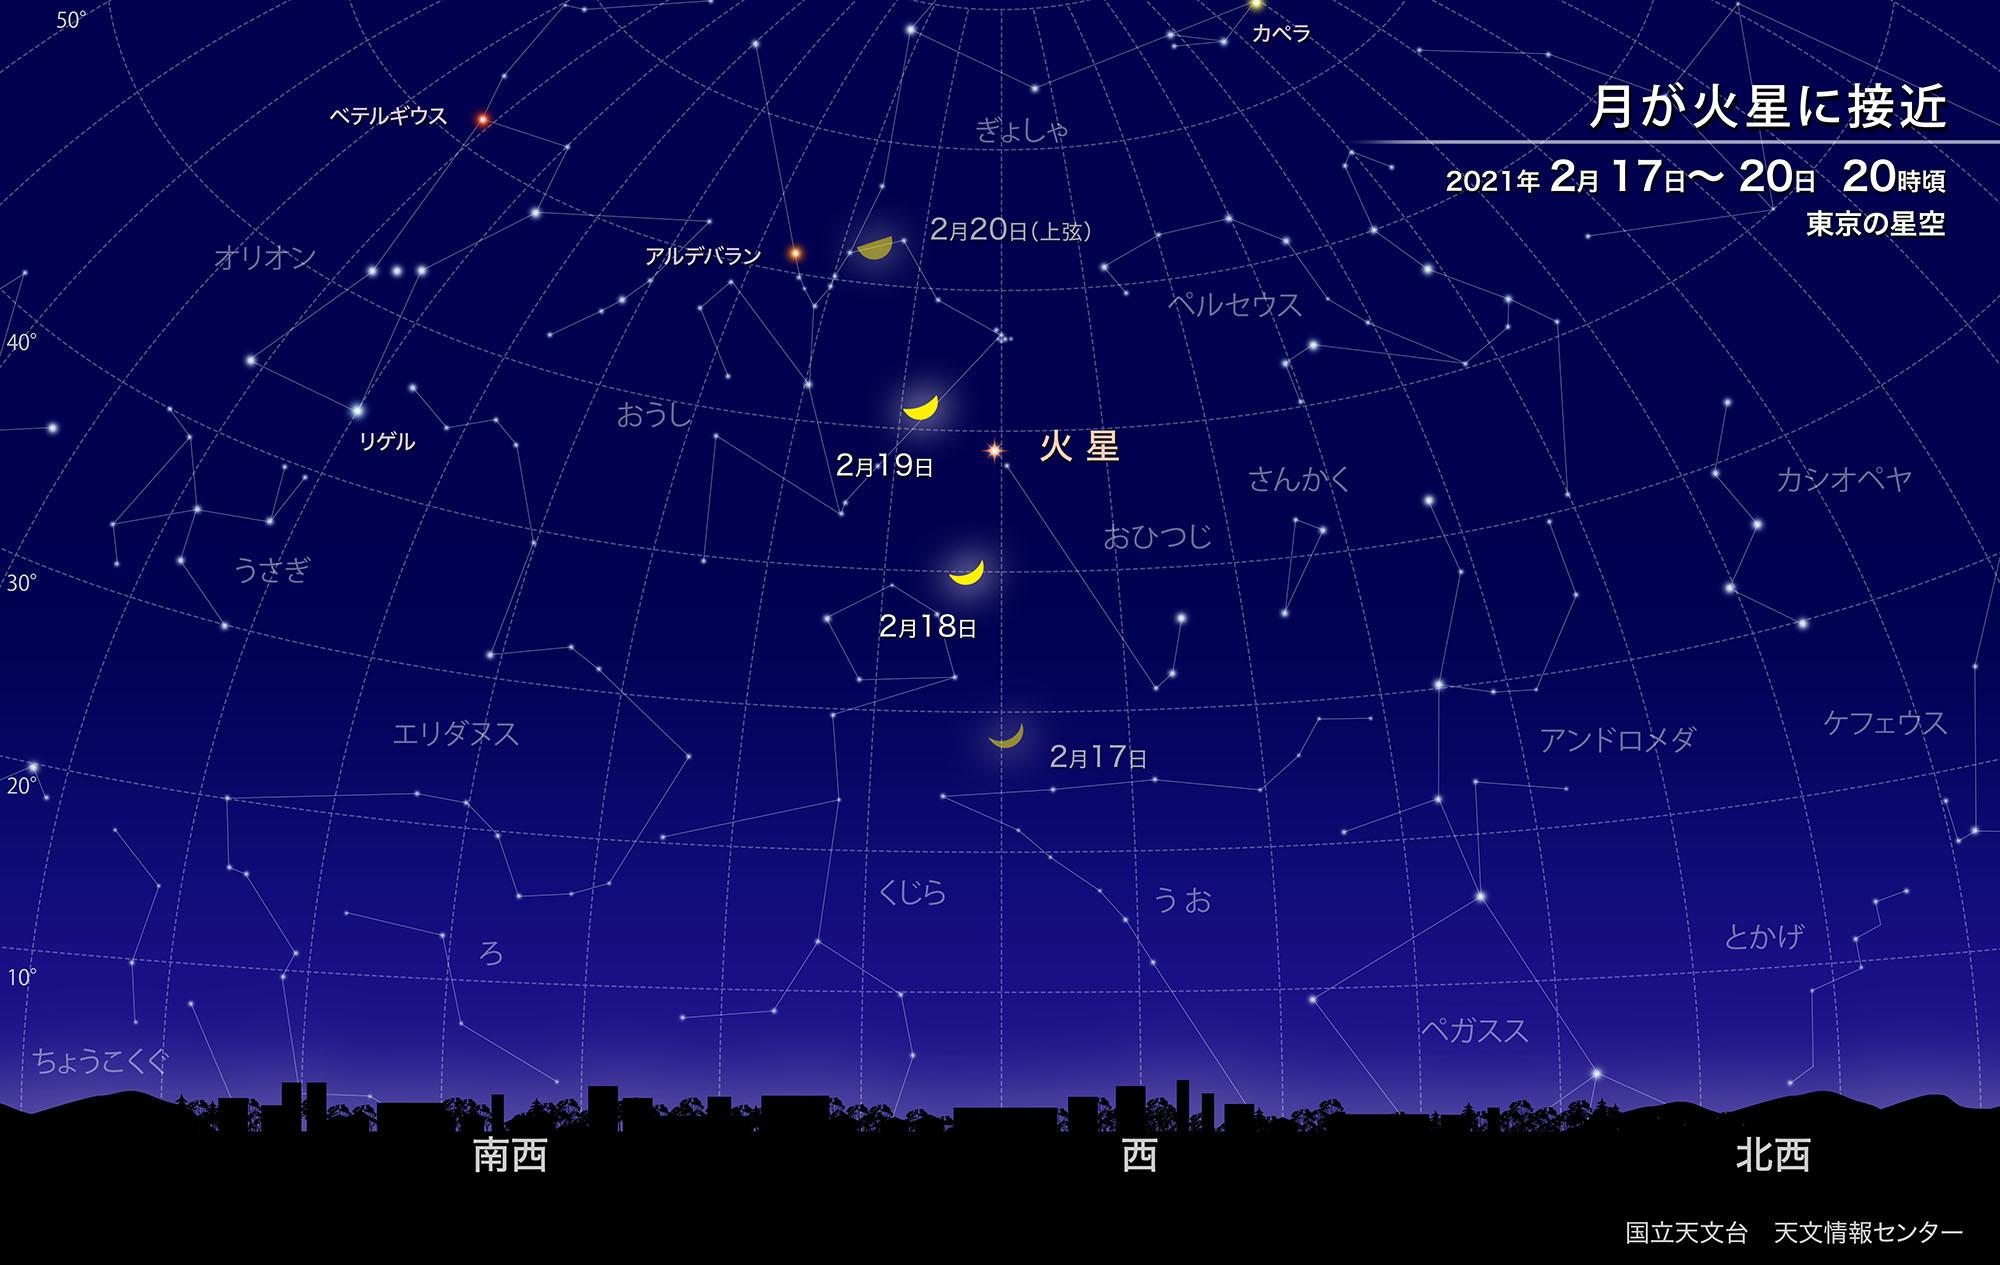 月が火星に接近(2021年2月) | 国立天文台(NAOJ)